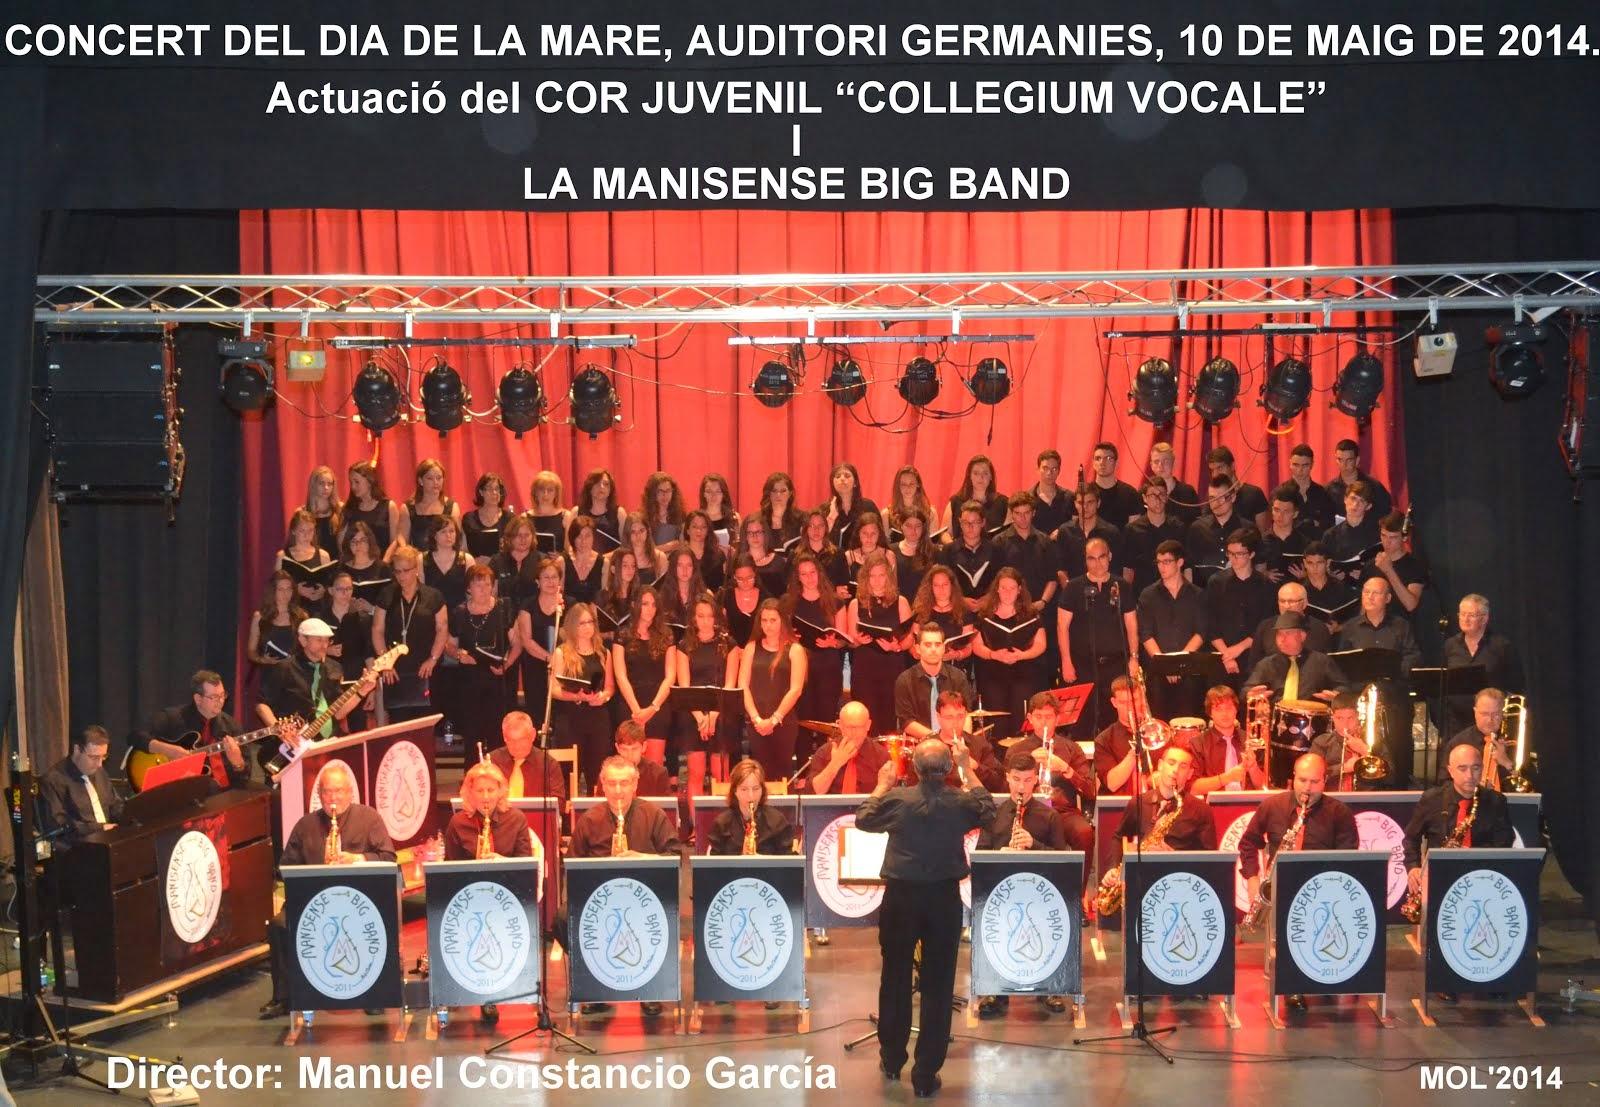 CONCIERTO DE LA MANISENSE BIG BAND. DÍA DE LA MADRE. SÁBADO 10 DE MAYO